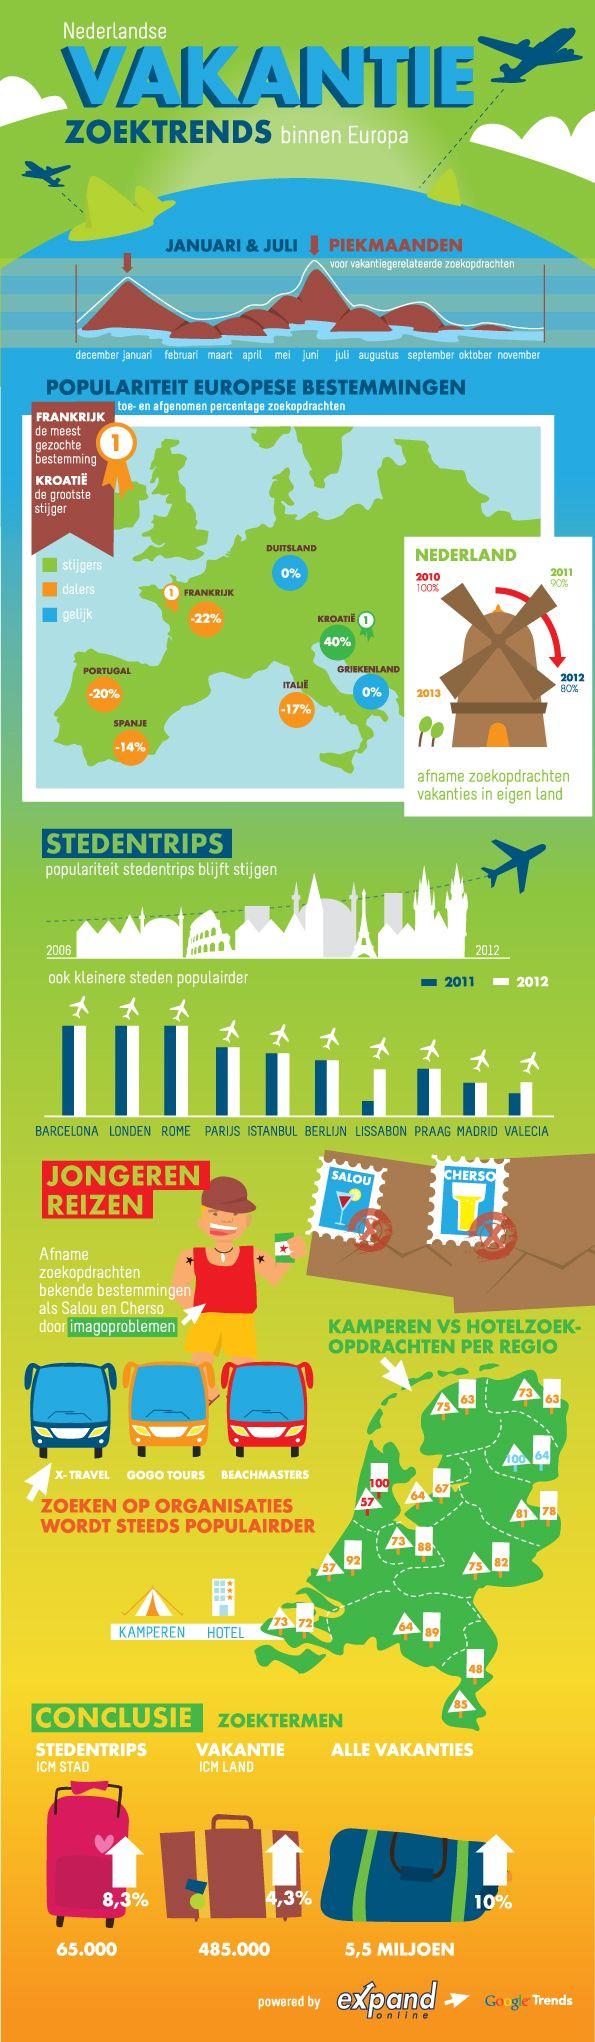 Nederlanders boeken meer en meer hun vakanties online. Deze infographic vat de Nederlandse online zoektrends naar Europese vakanties samen. | via @Marketingfacts